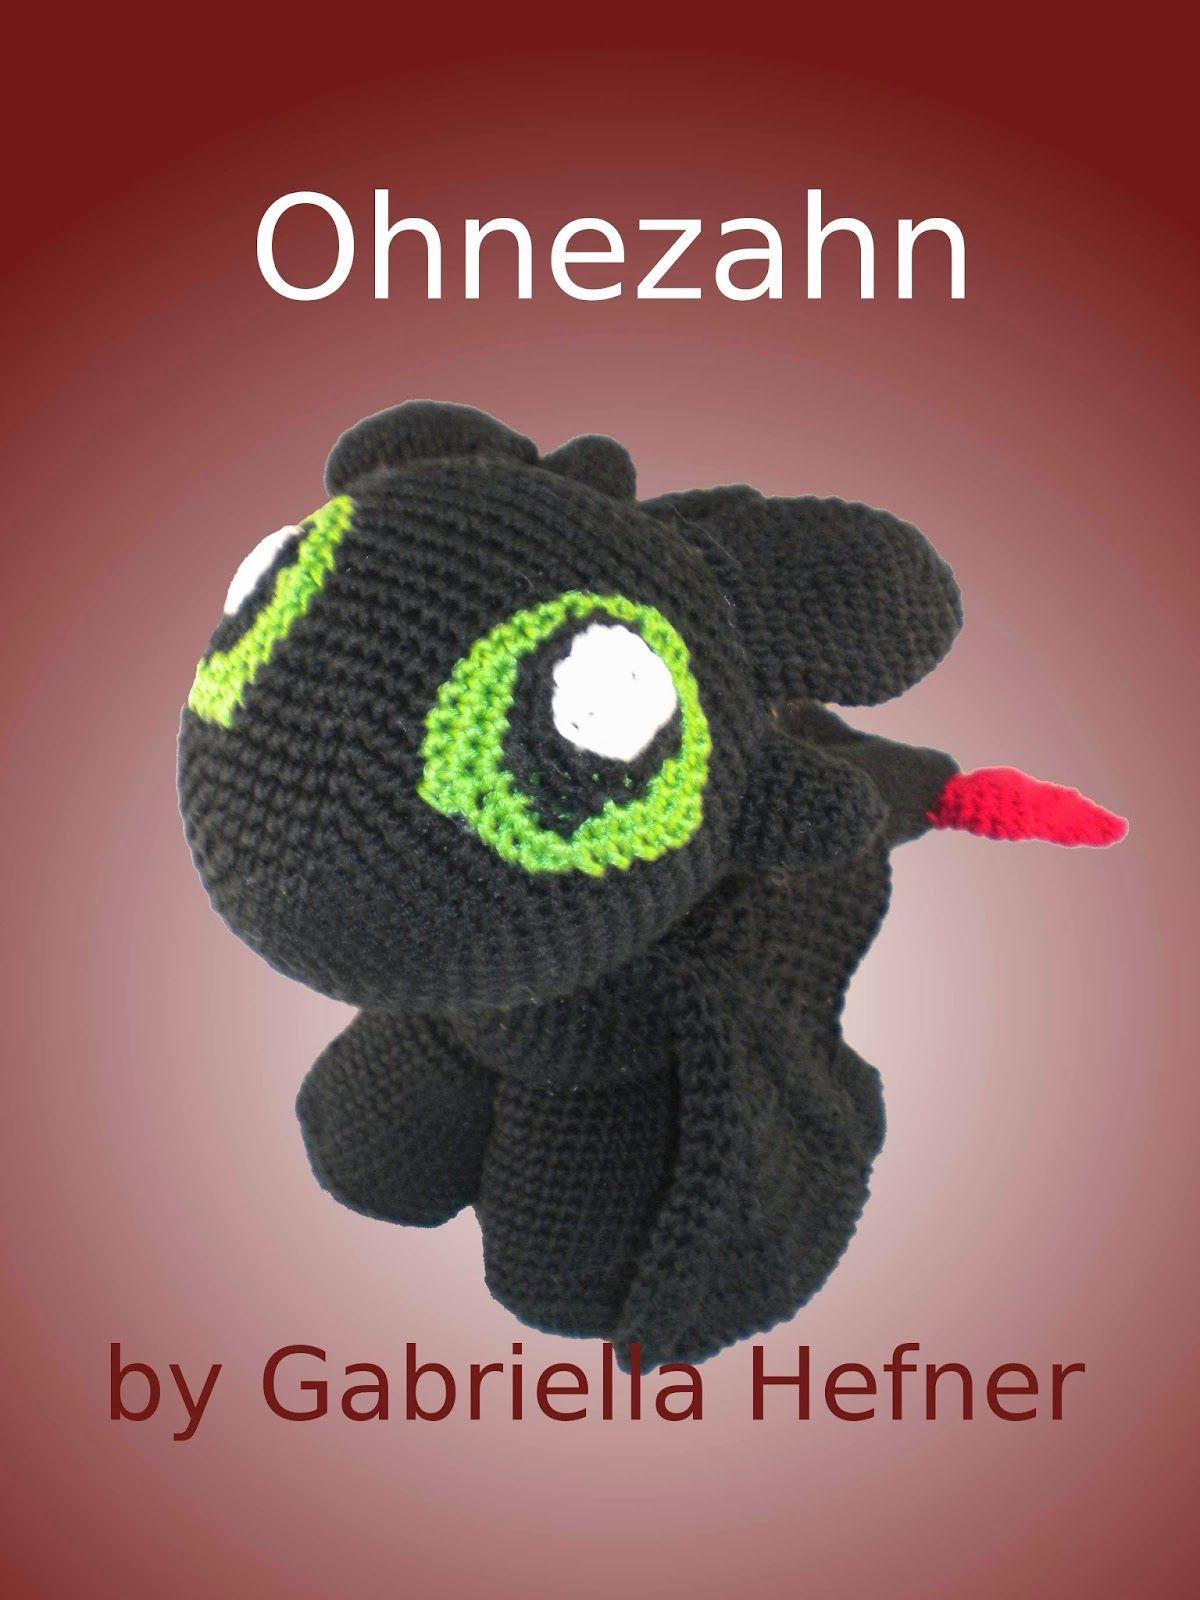 Ohnezahn Anleitung | Häkeln, Crochet, Pattern, Anleitungen ...